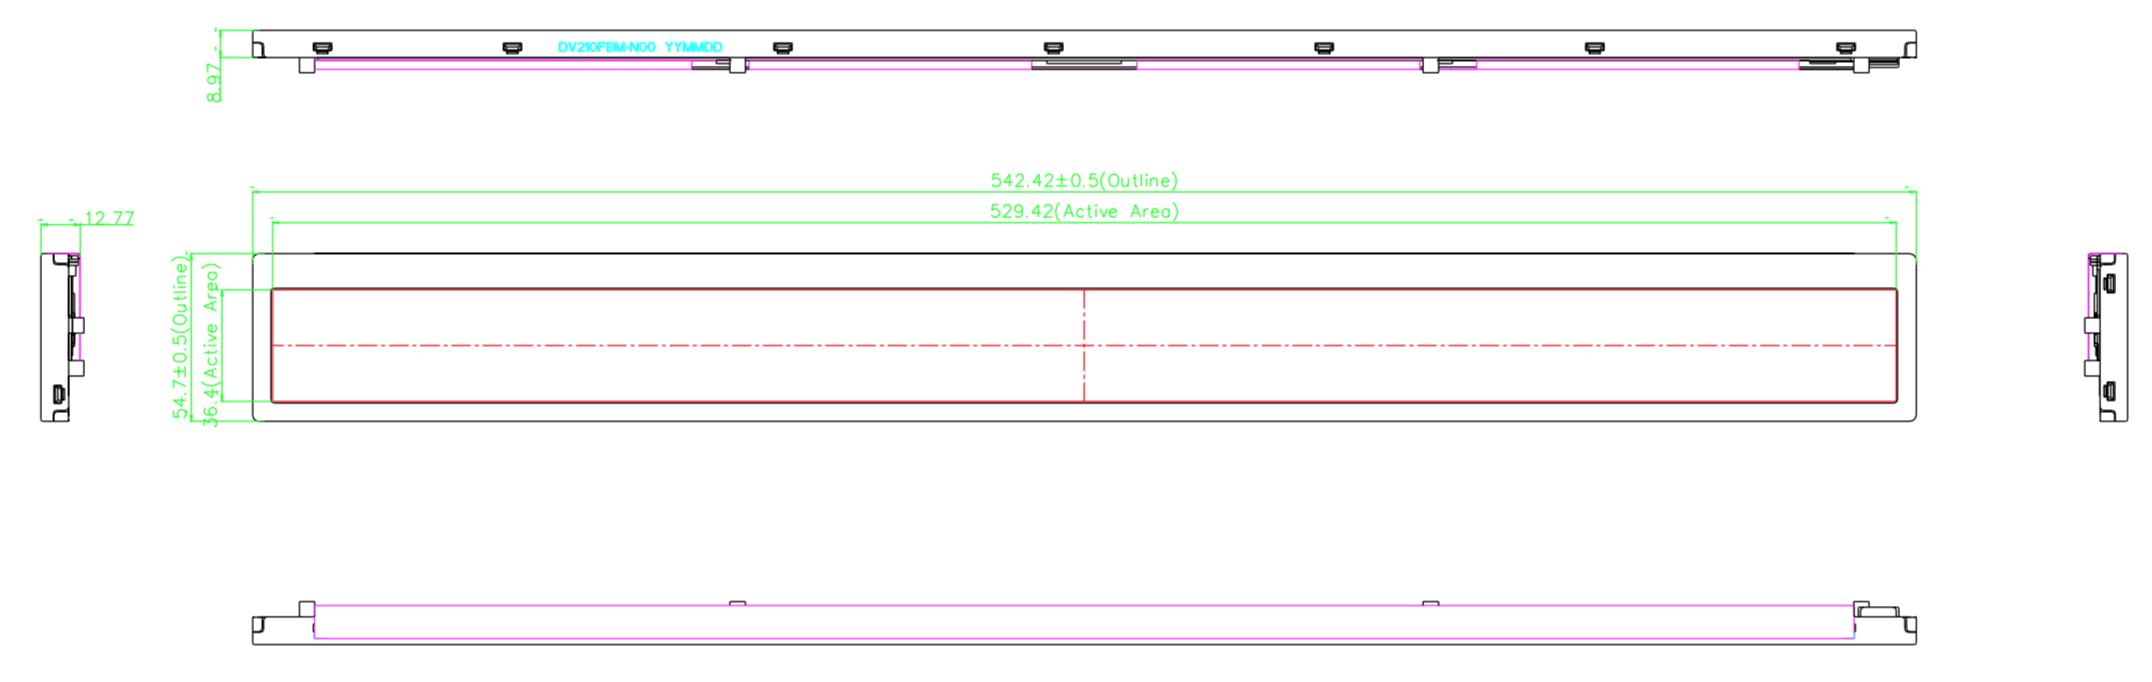 Bar Display 2D